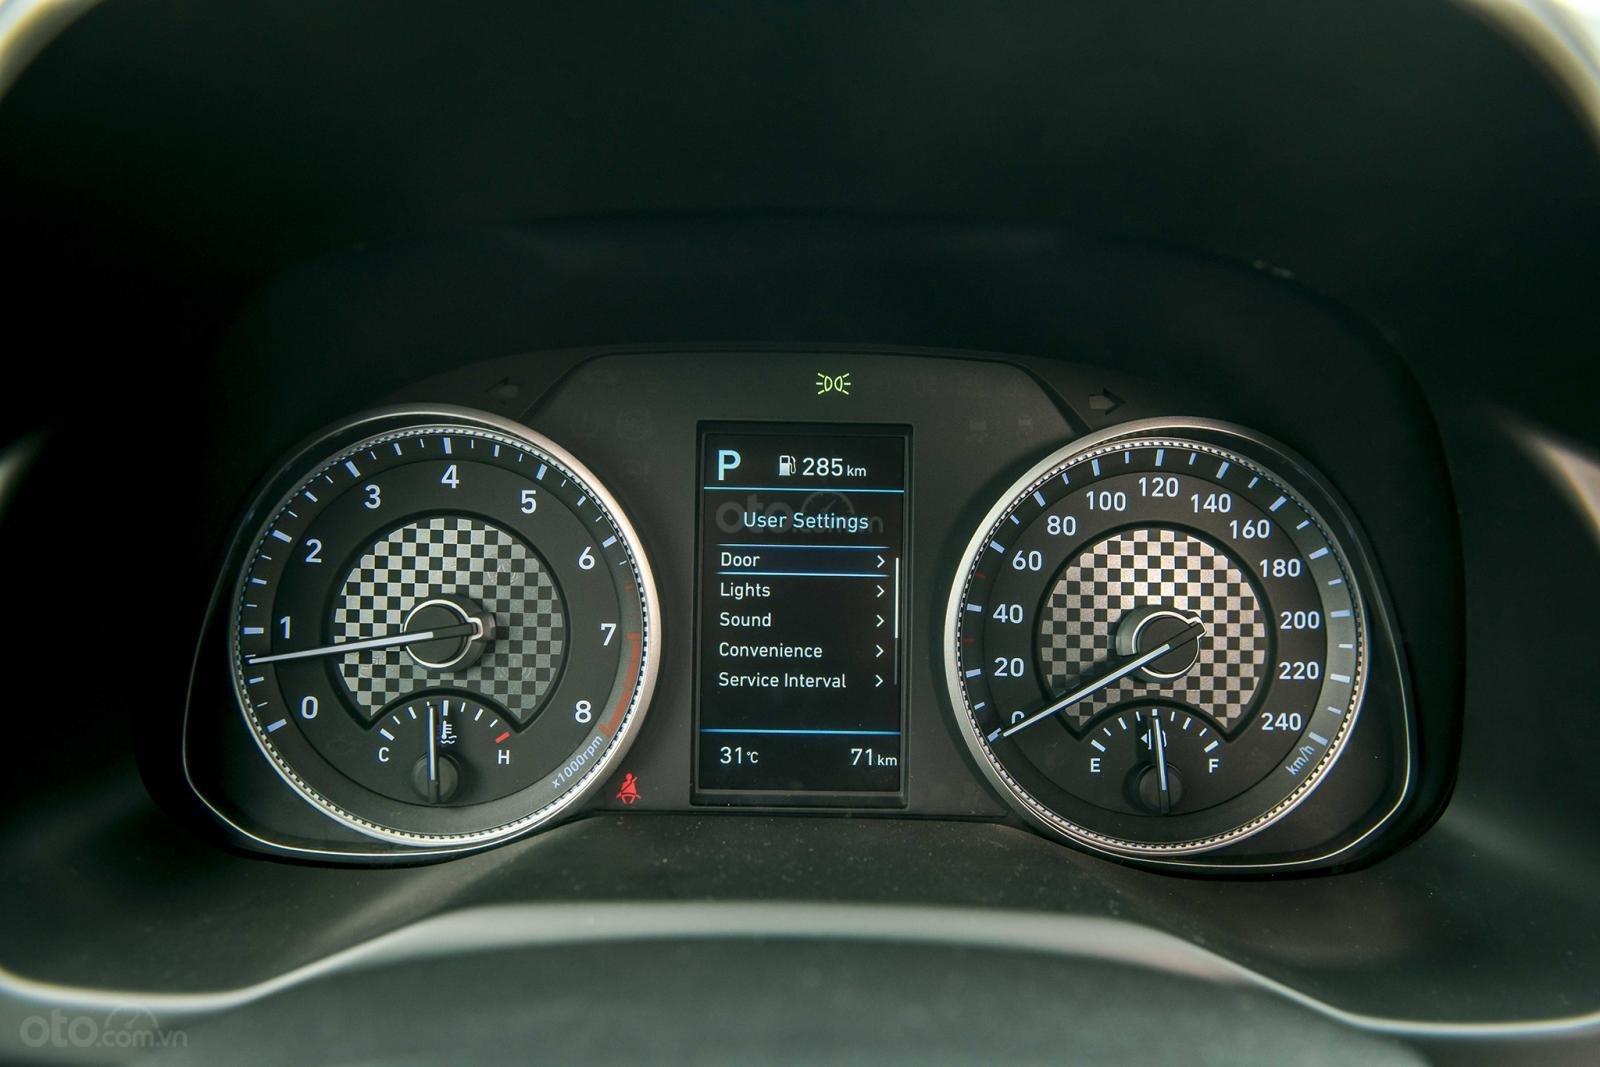 Bảng đồng hồ công tơ mét Hyundai Elantra 2.0 2019...